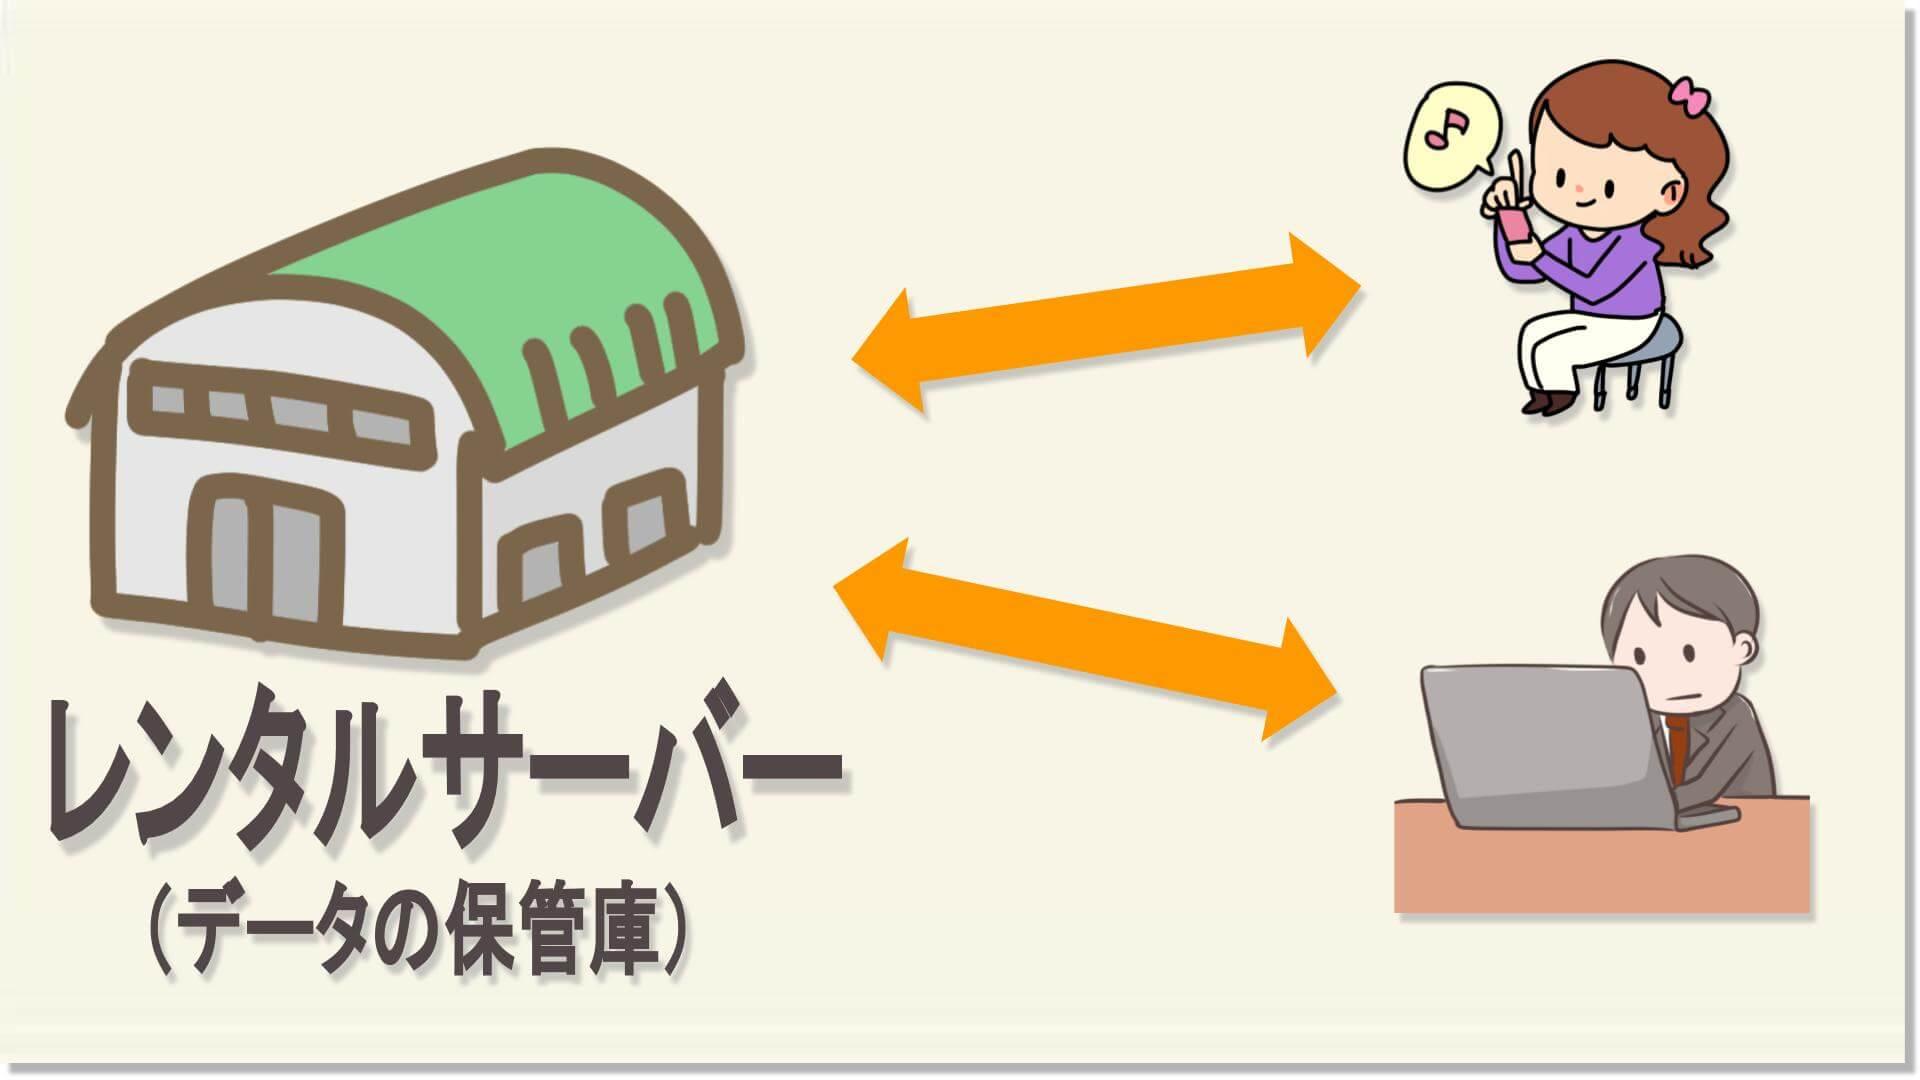 レンタルサーバーとユーザーのイラスト